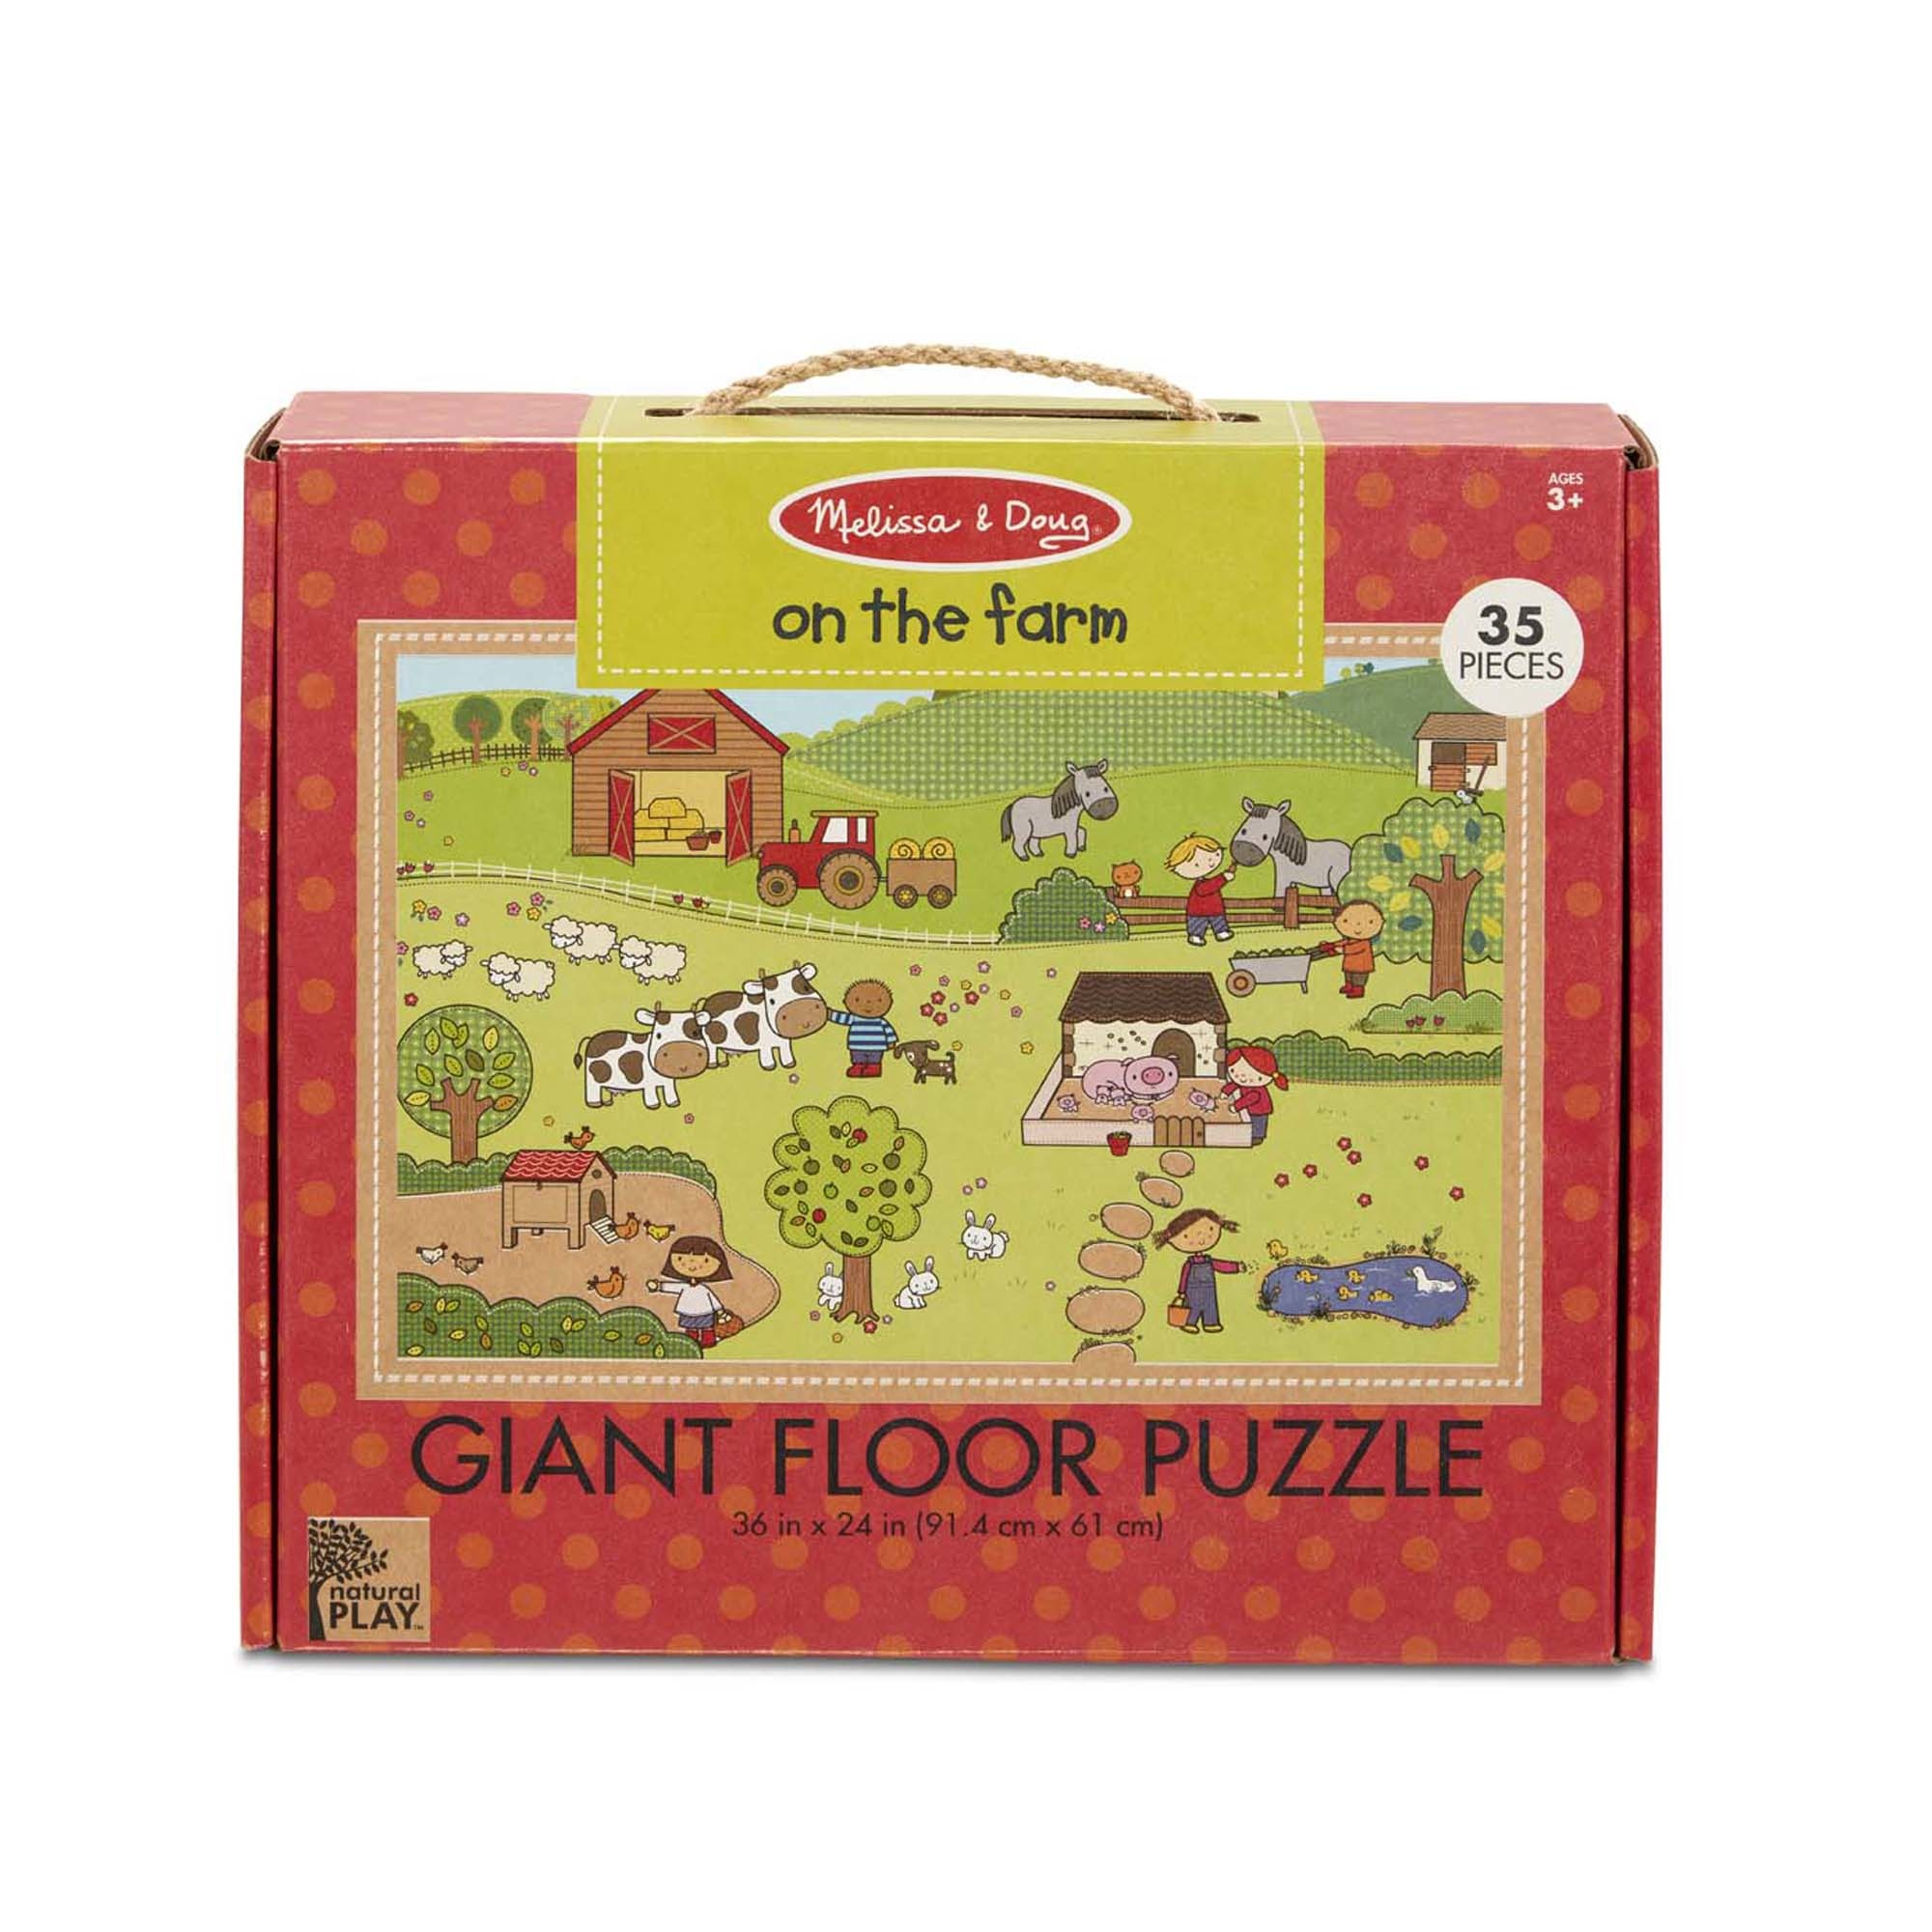 Melissa & Doug NP Giant Floor Puzzle - On The Farm